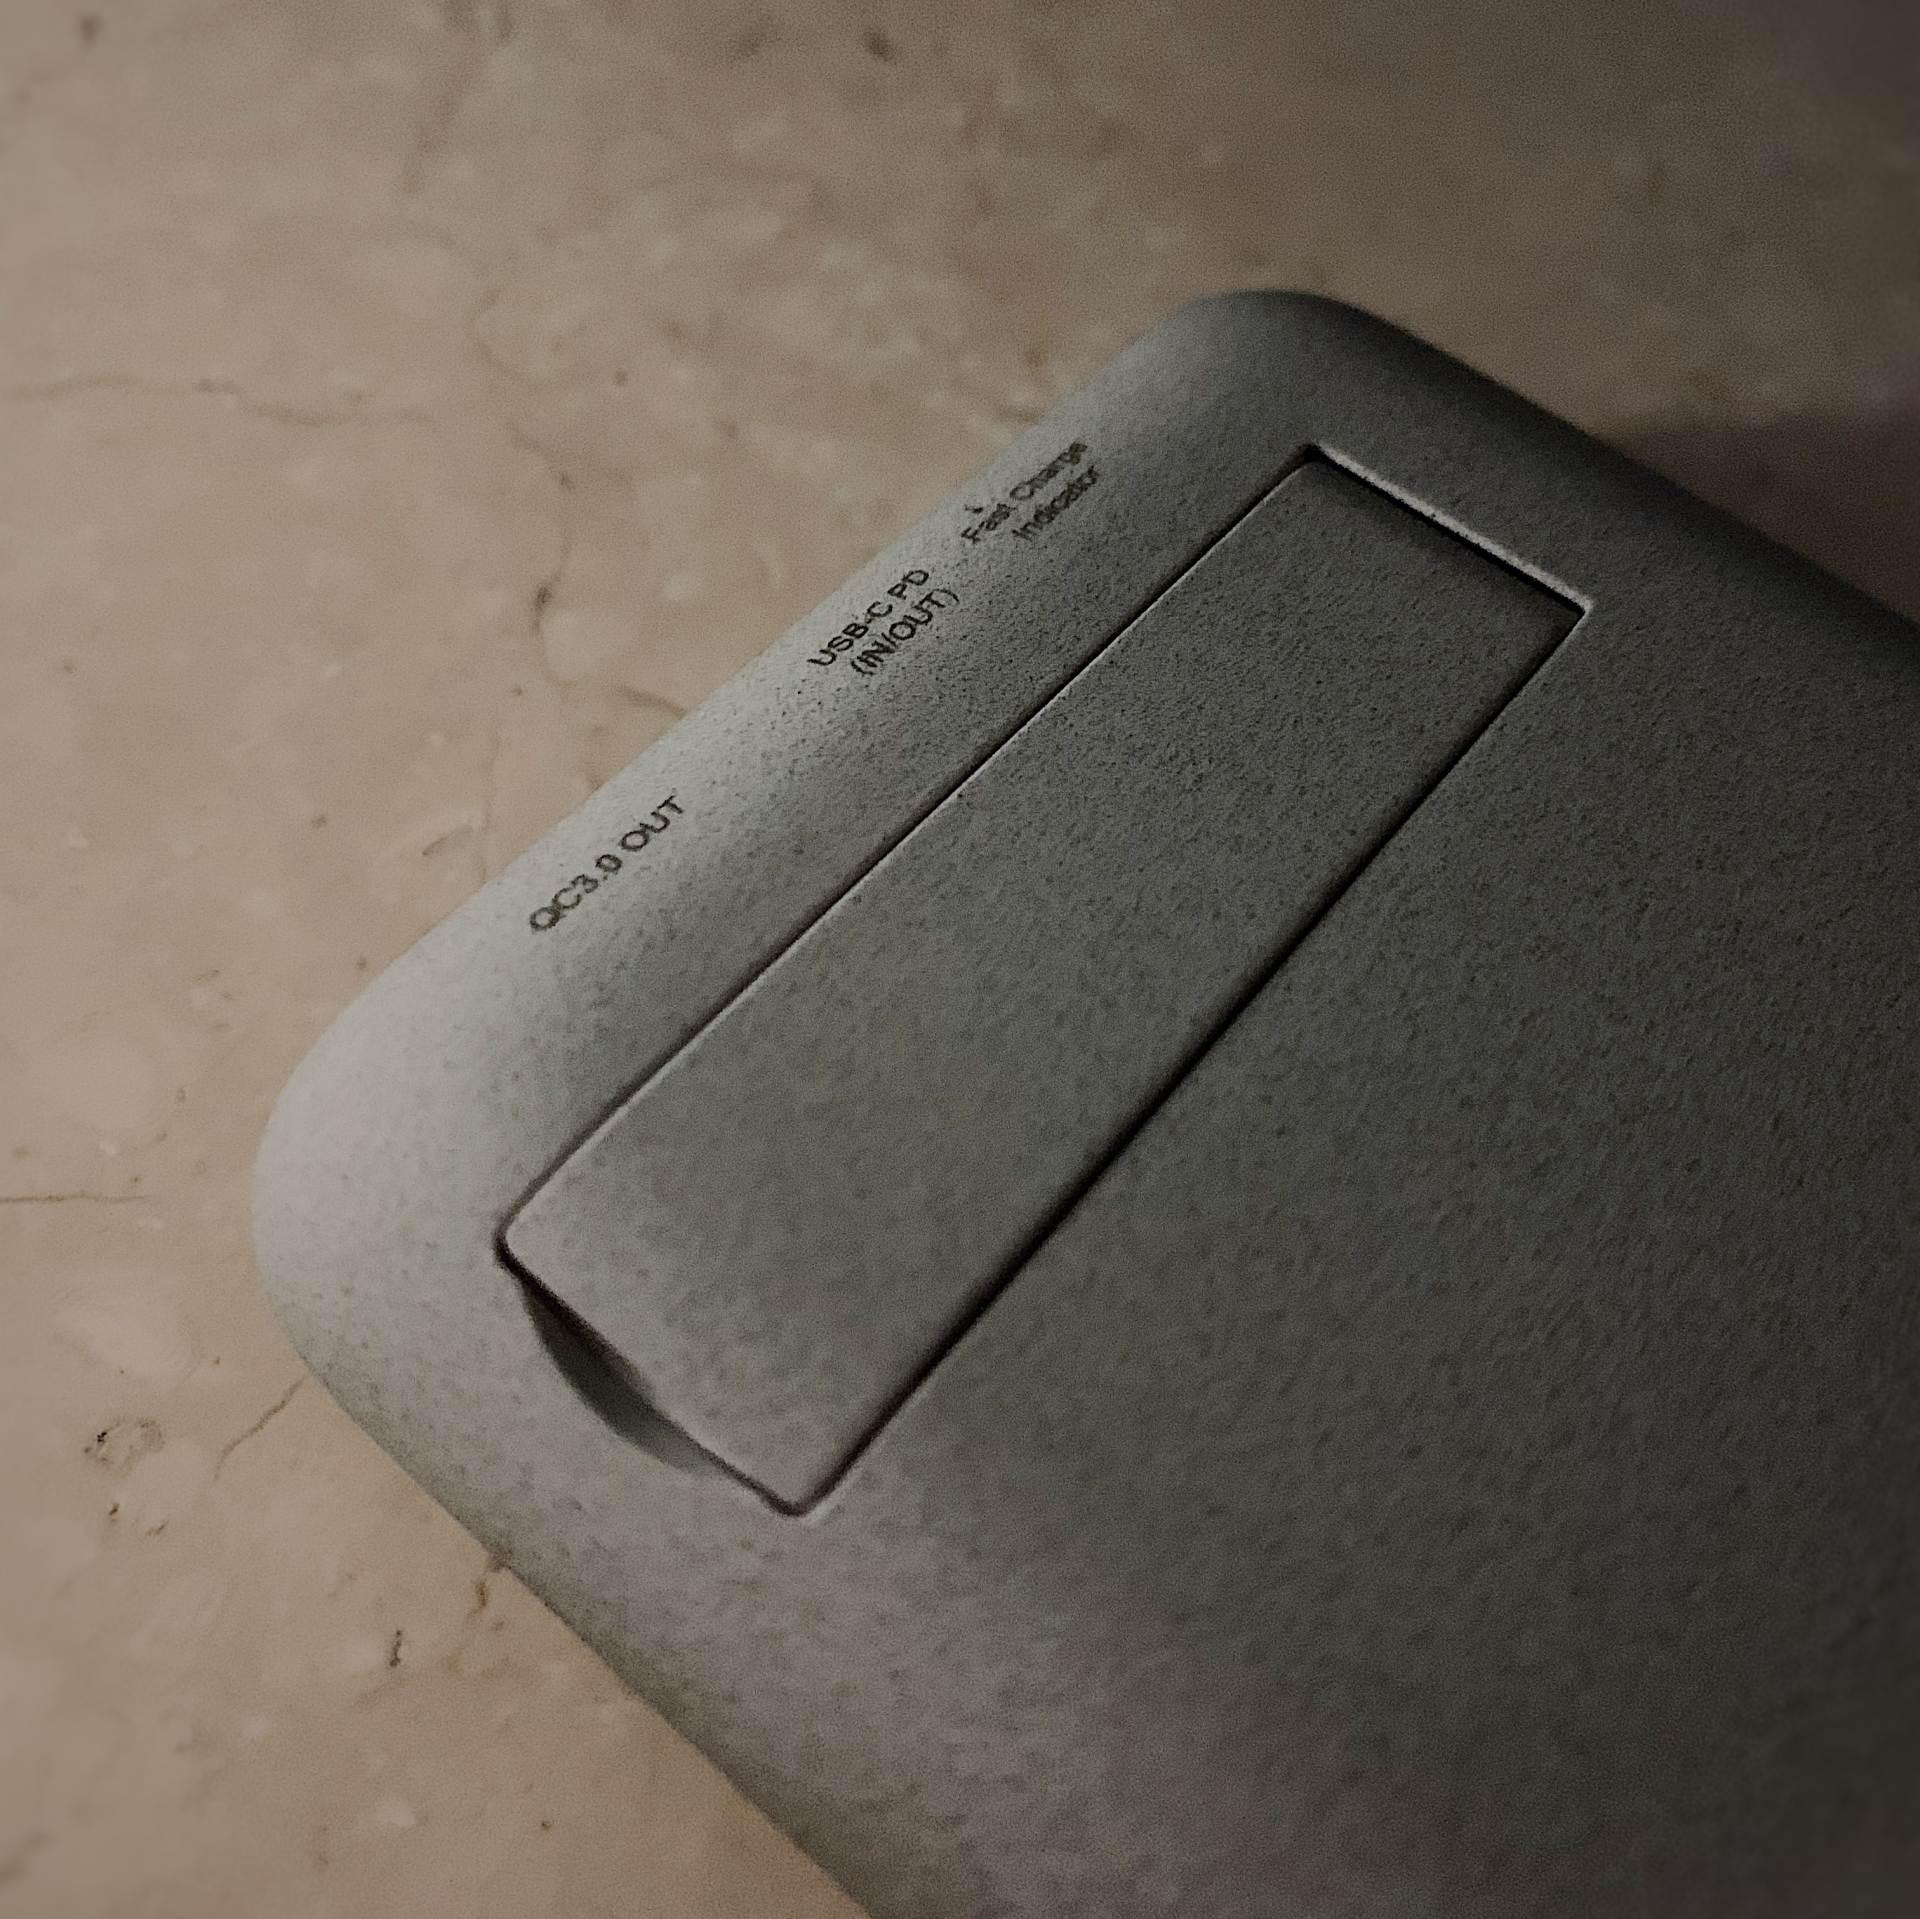 多角度解决你的电量焦虑——南卡POW-3充电宝开箱体验